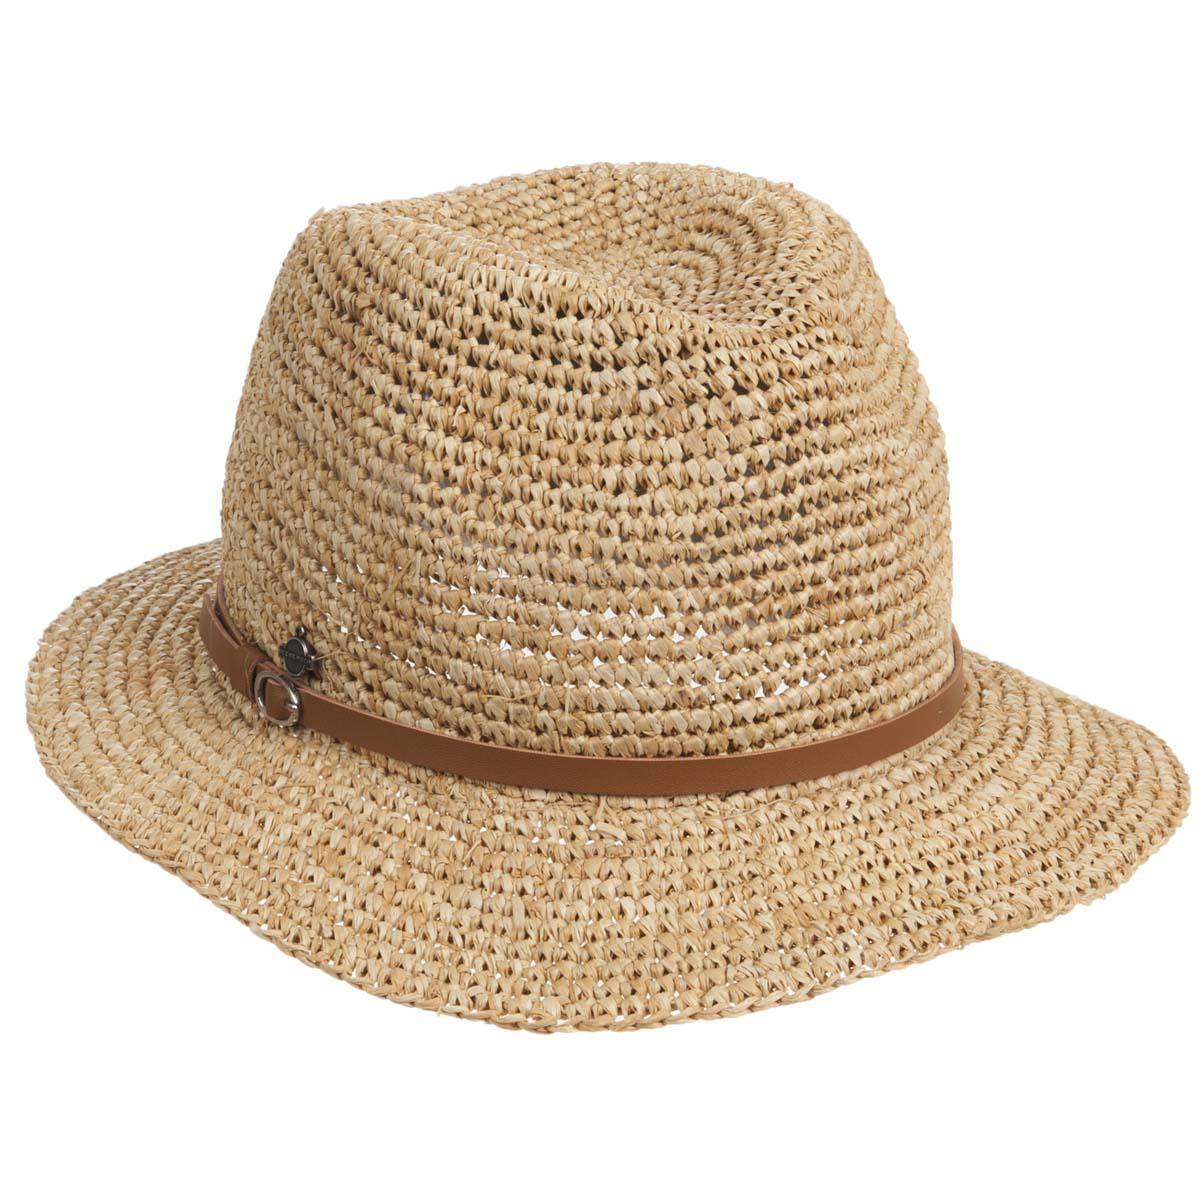 cappello donna in raffia firmato SEEBERGER ... 30ea69d85ea8